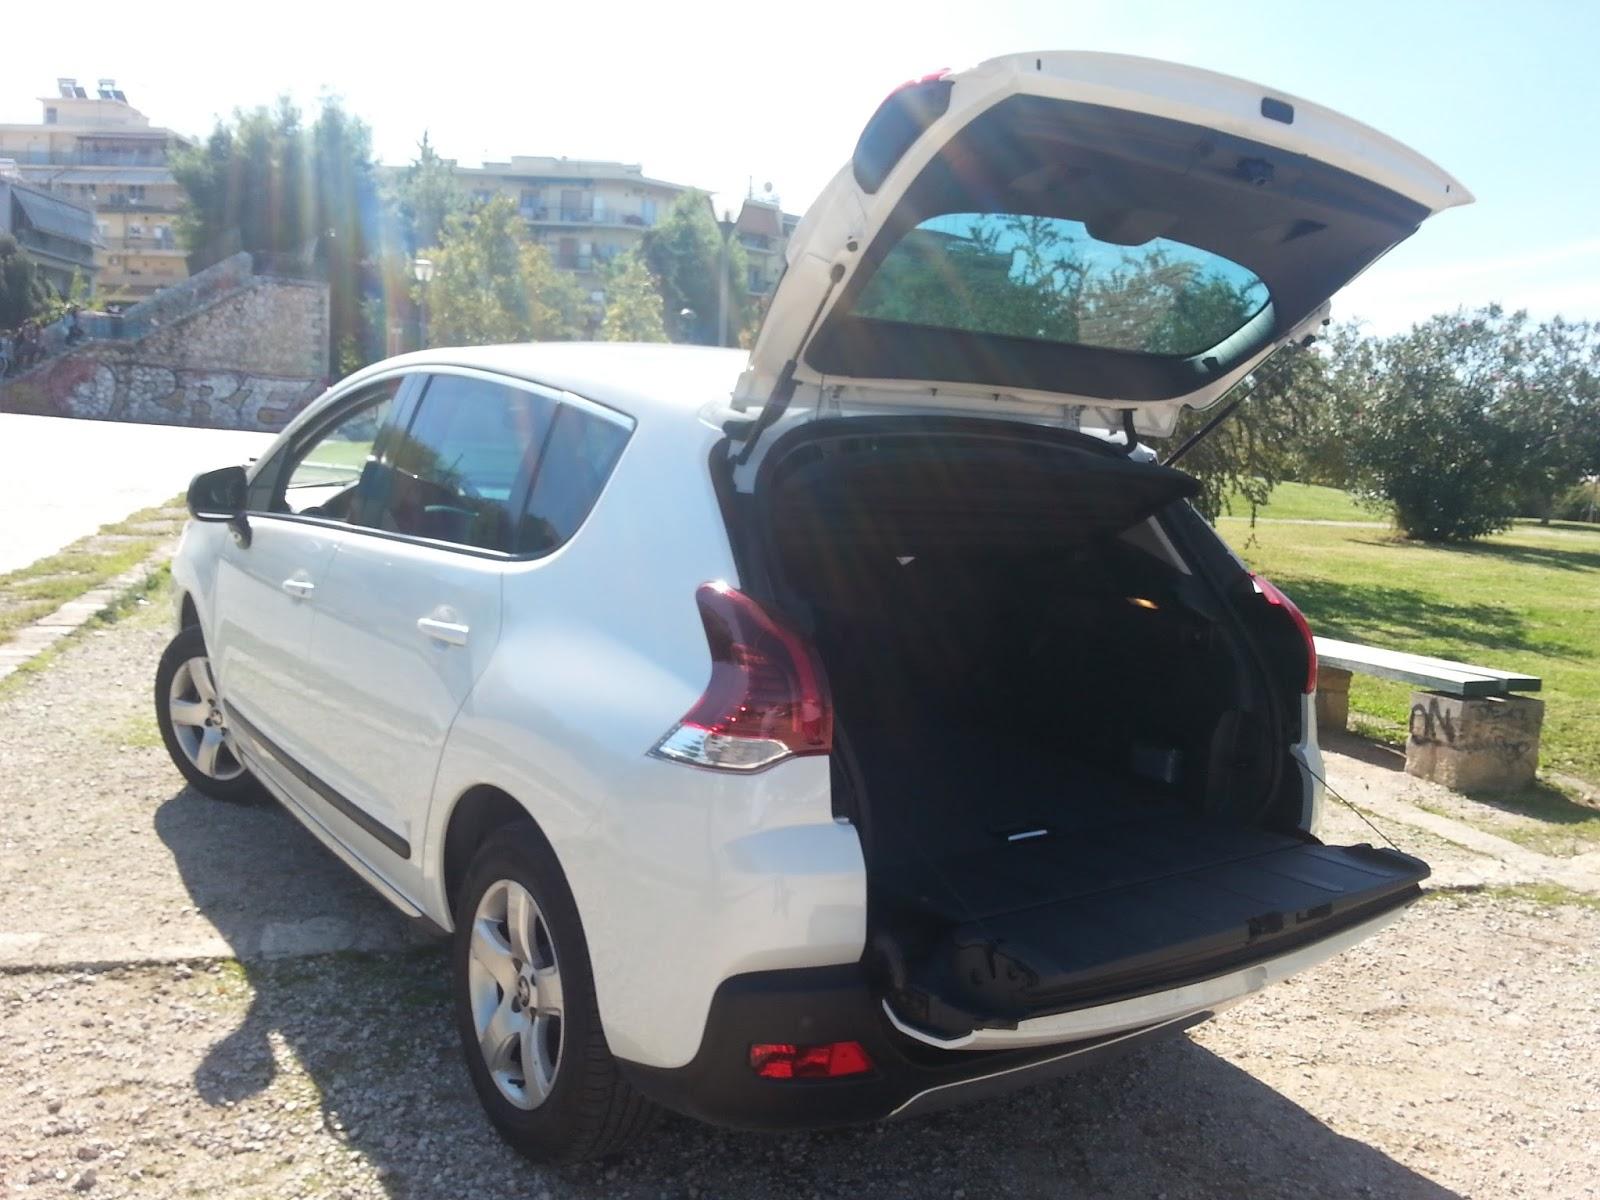 port%2Bmpagkaz Γιατί το Peugeot 3008 είναι σαν τον σούπερμαν